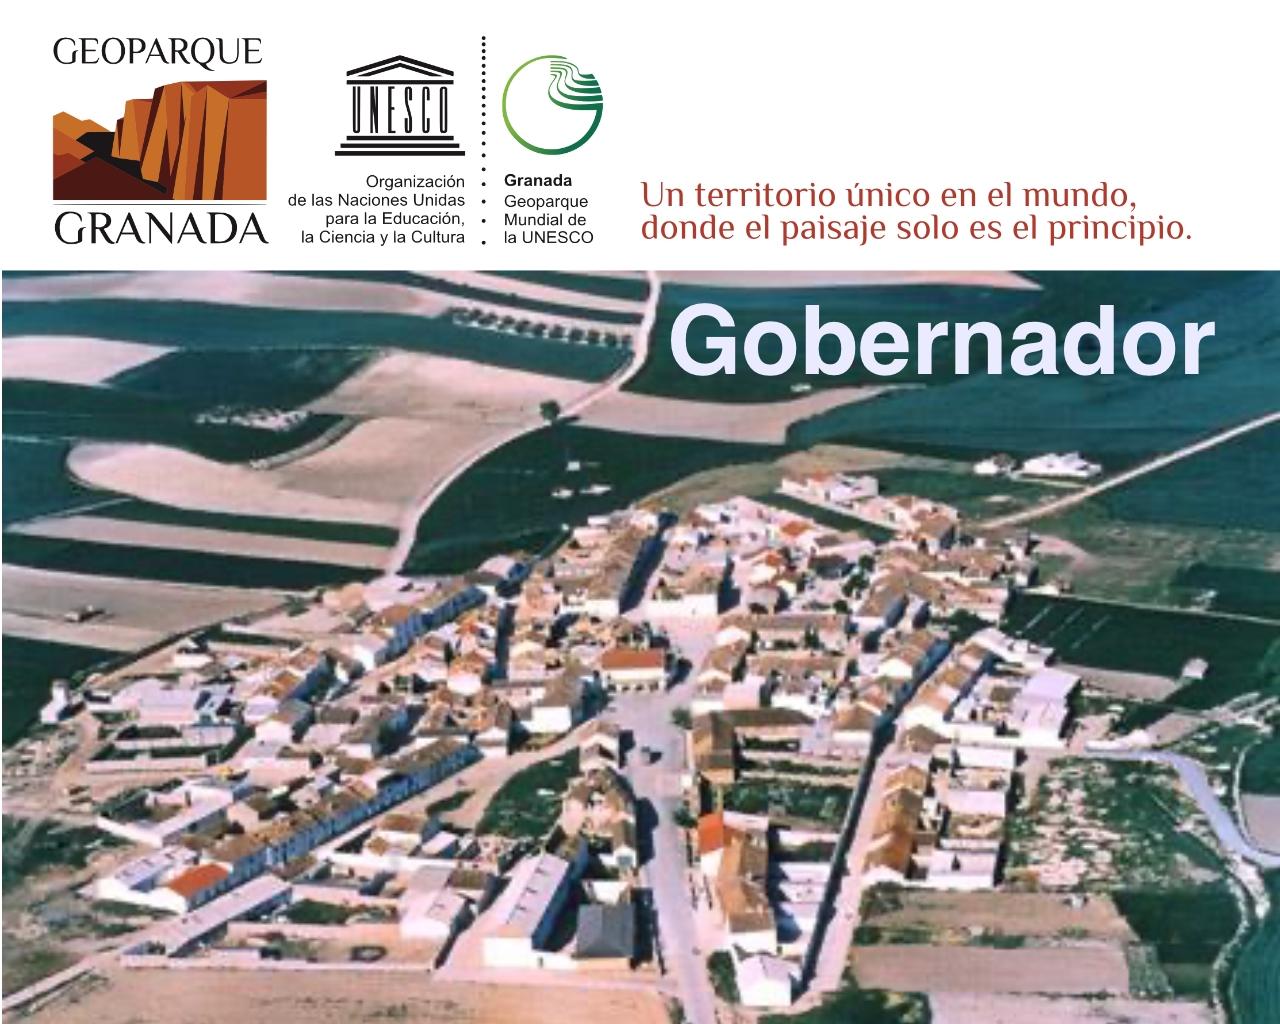 EXPO ITINERANTE GOBERNADOR - Exposición Itinerante Geoparque de Granada GOBERNADOR - Geoparque de Granada